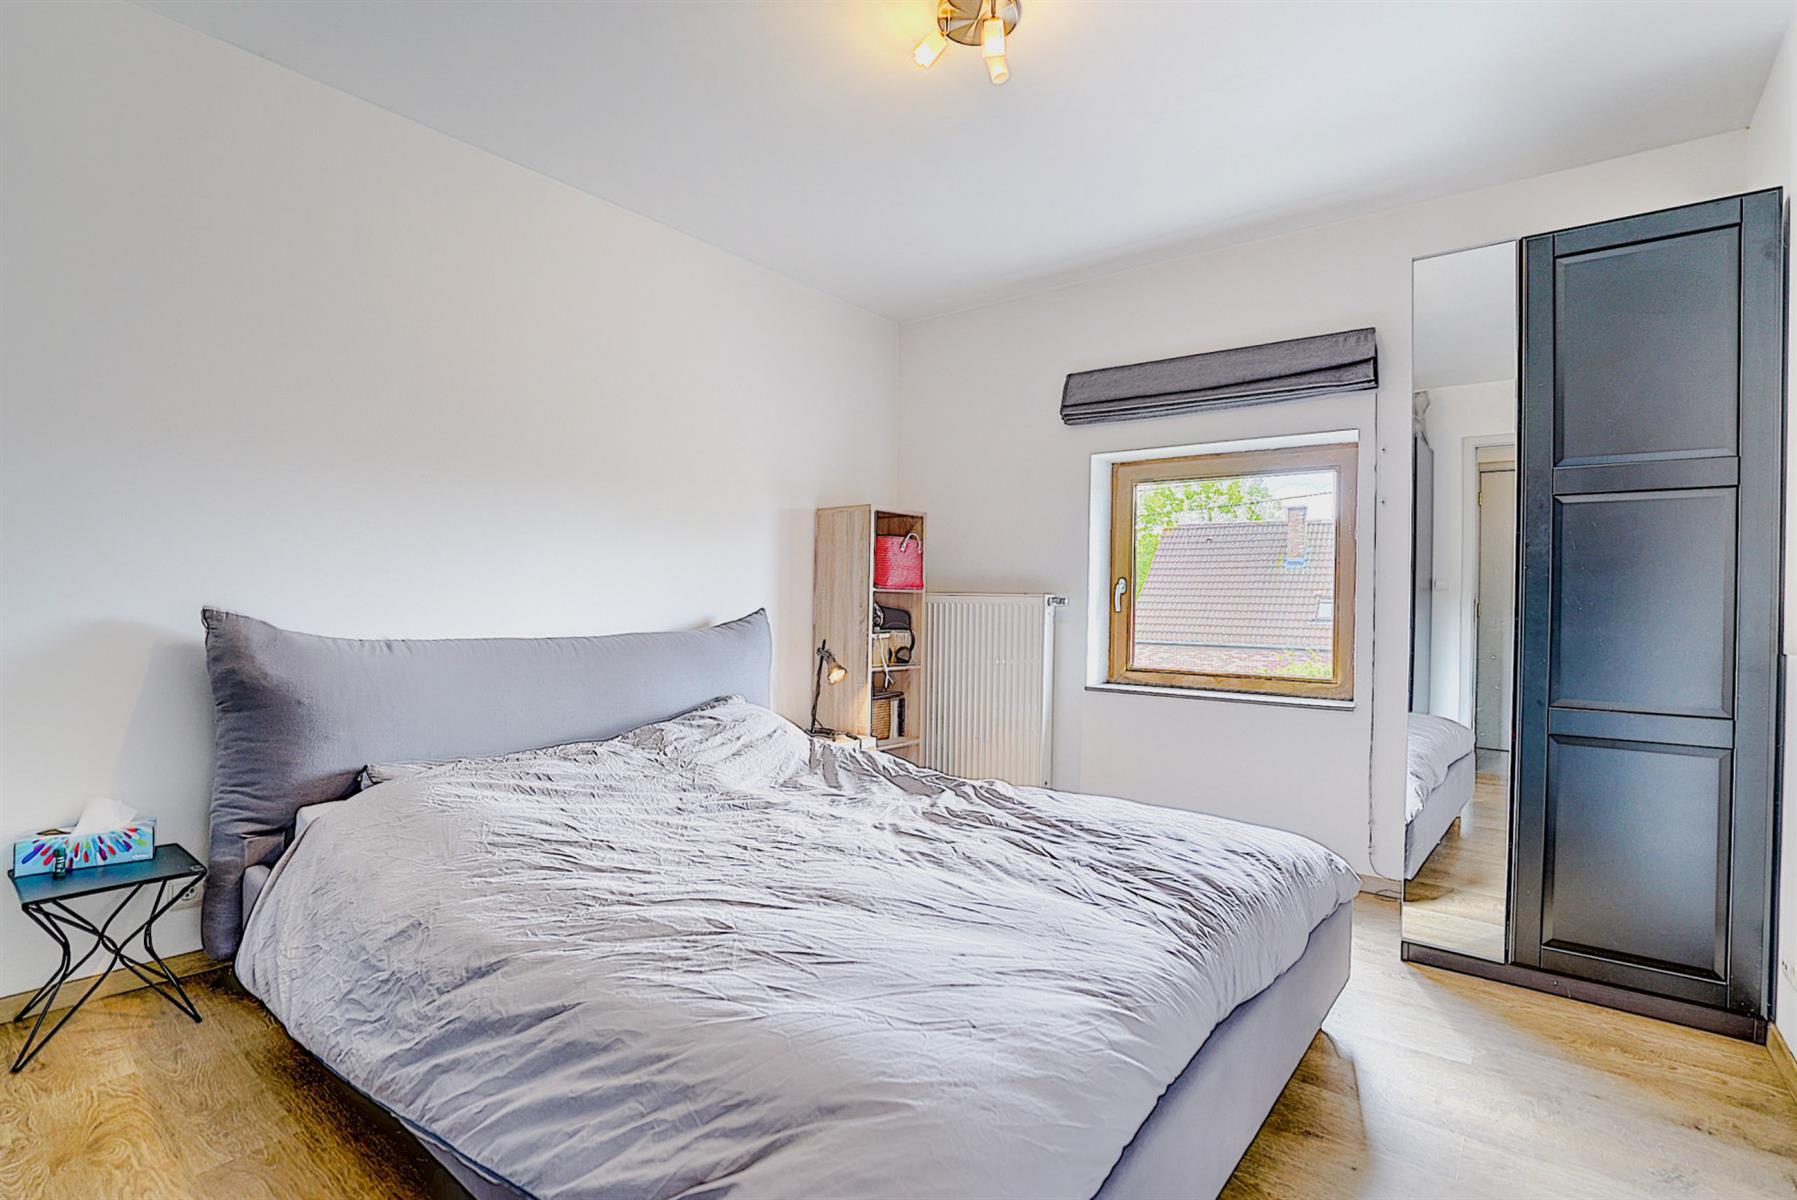 Appartement - Genappe - #4364425-7